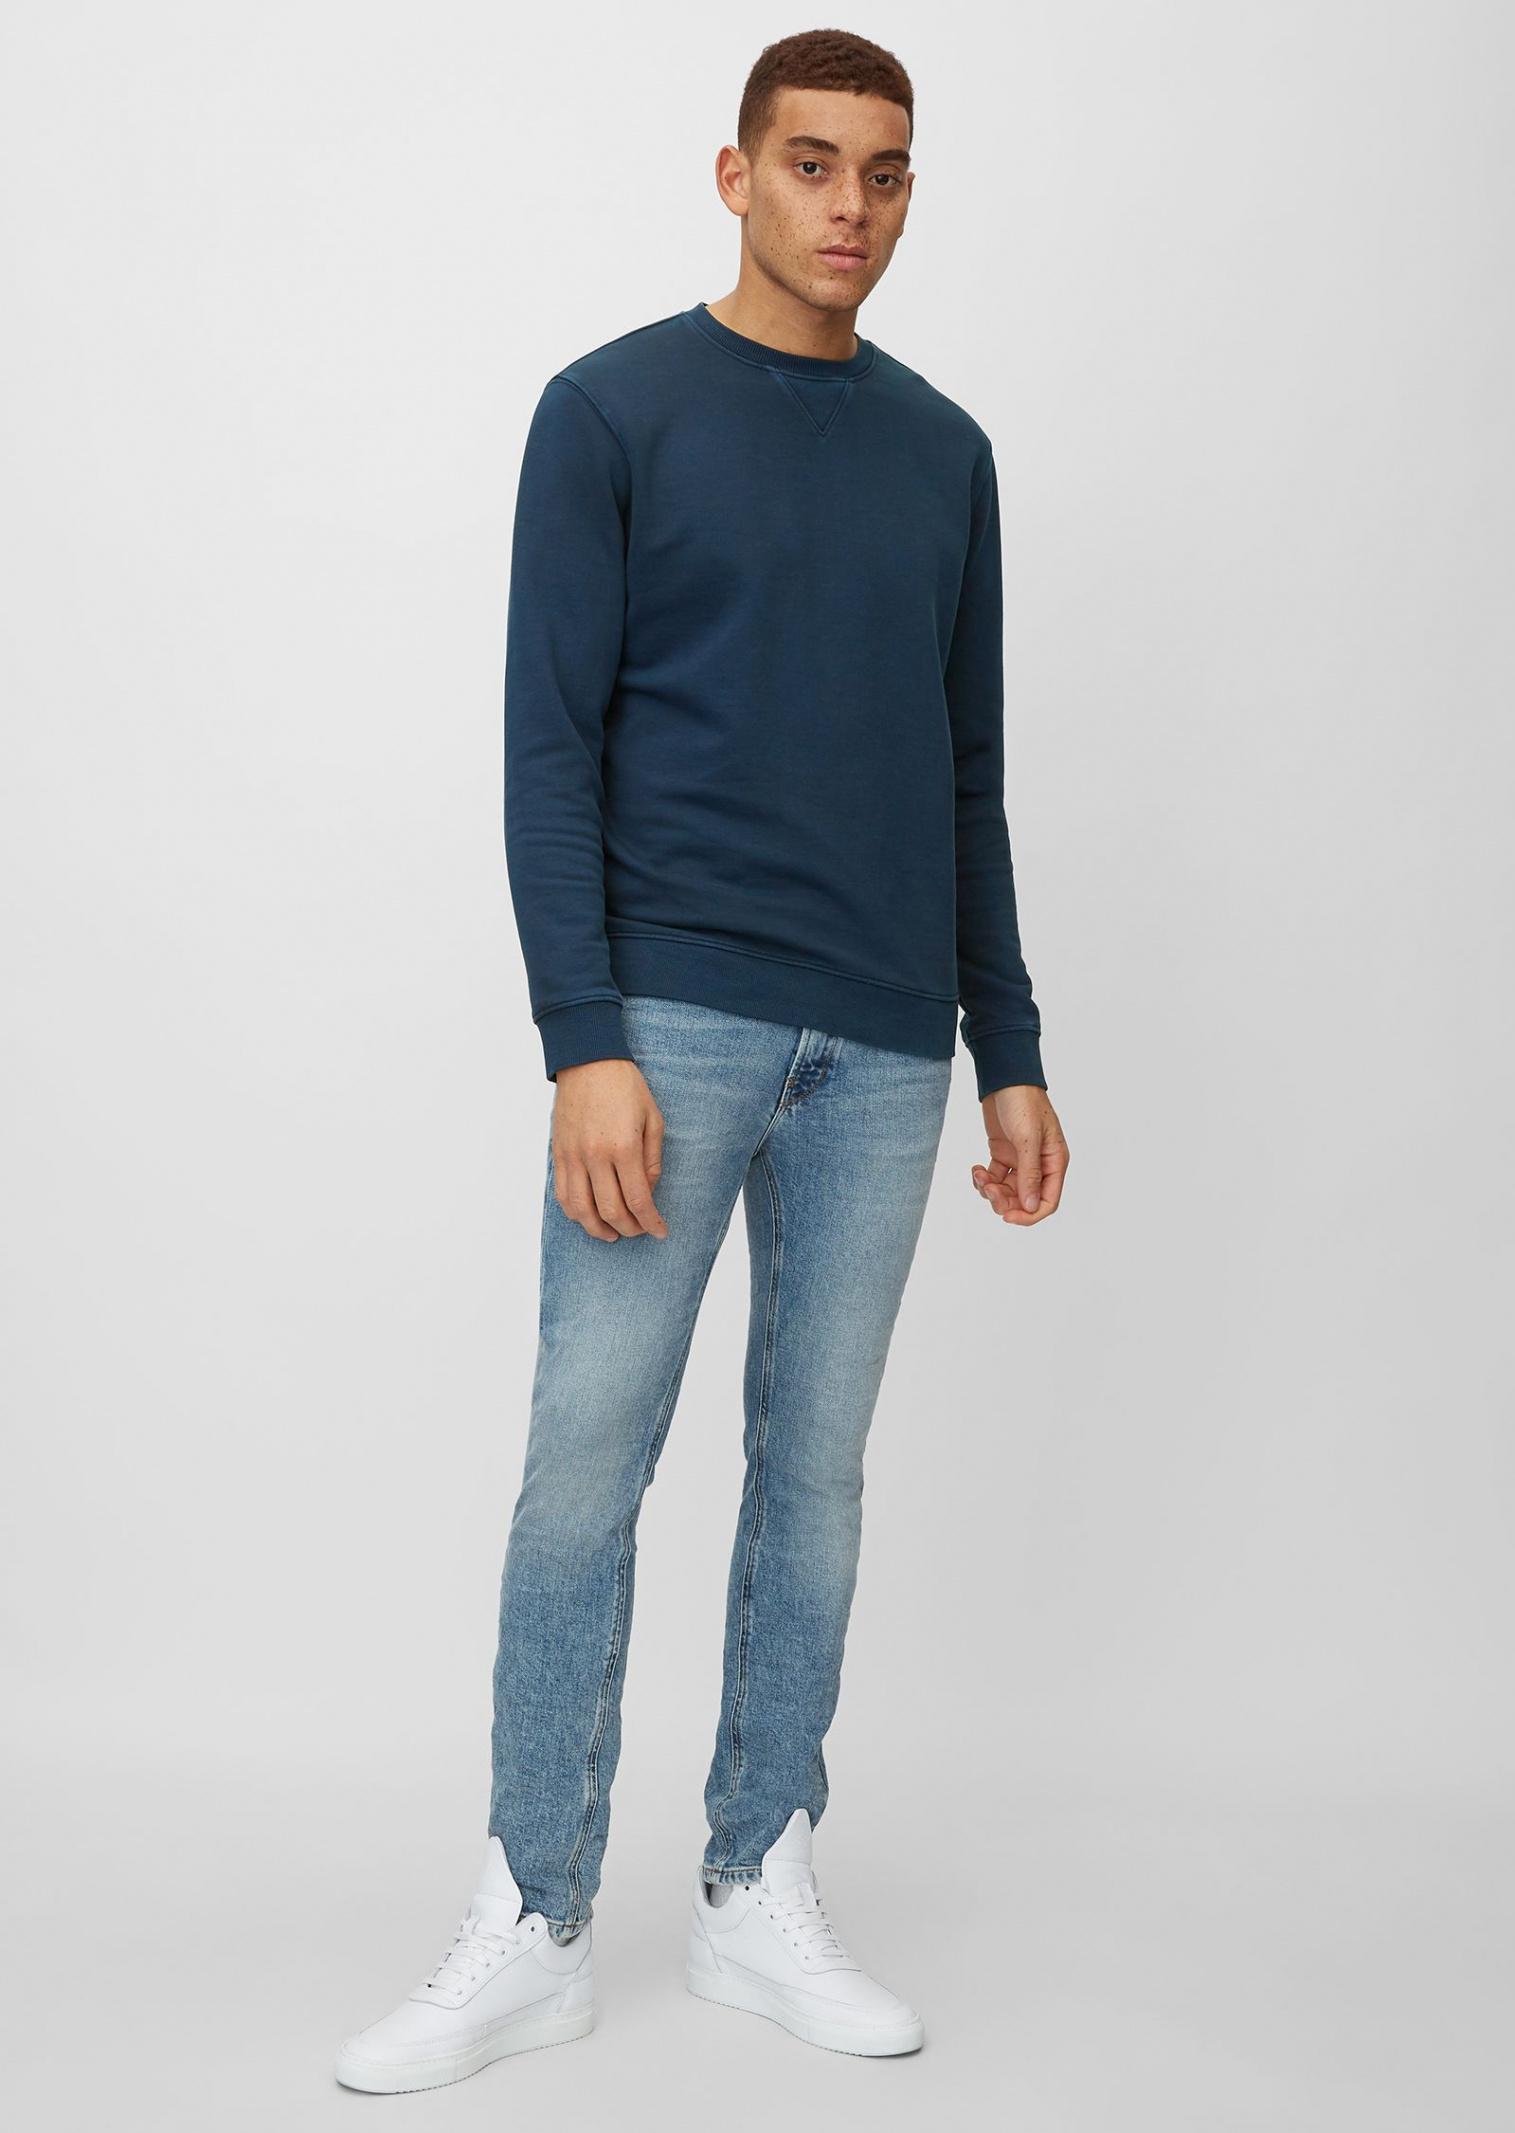 MARC O`POLO DENIM Кофти та светри чоловічі модель 060413354302-815 якість, 2017